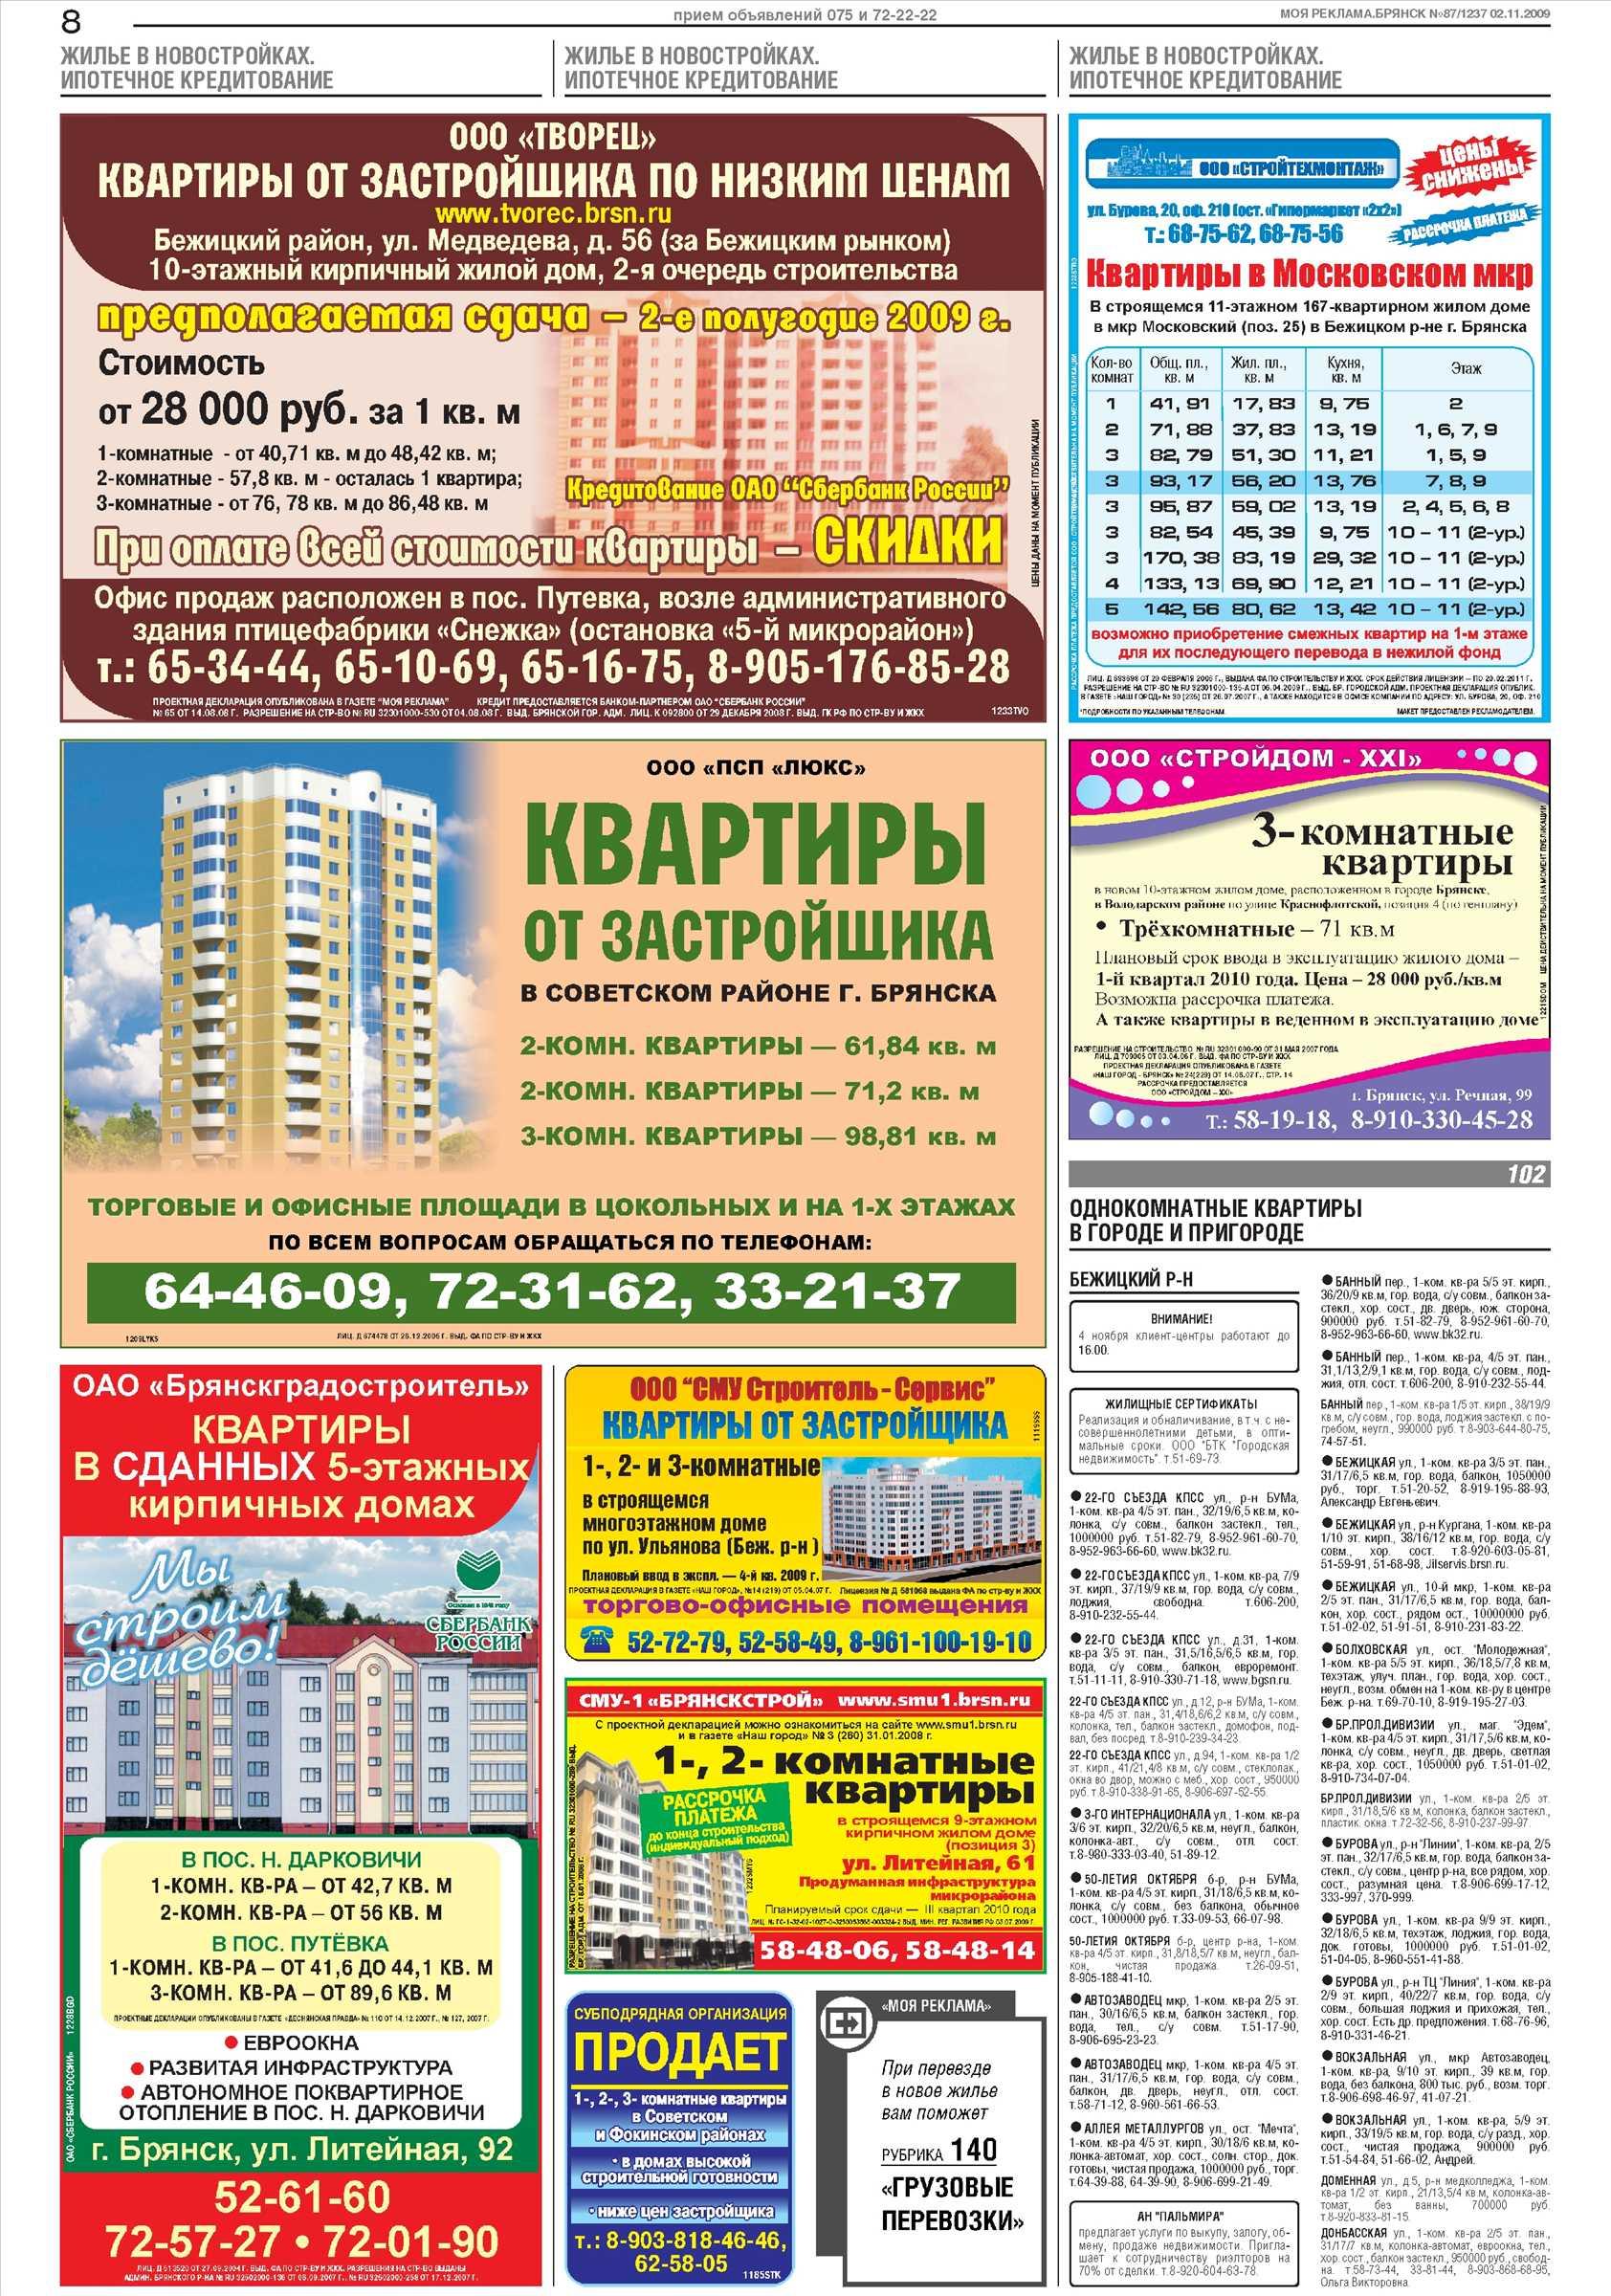 Газета моя реклама дать объявление бесплатно телефон авито спб работа свежие вакансии упаковщица фасовщица